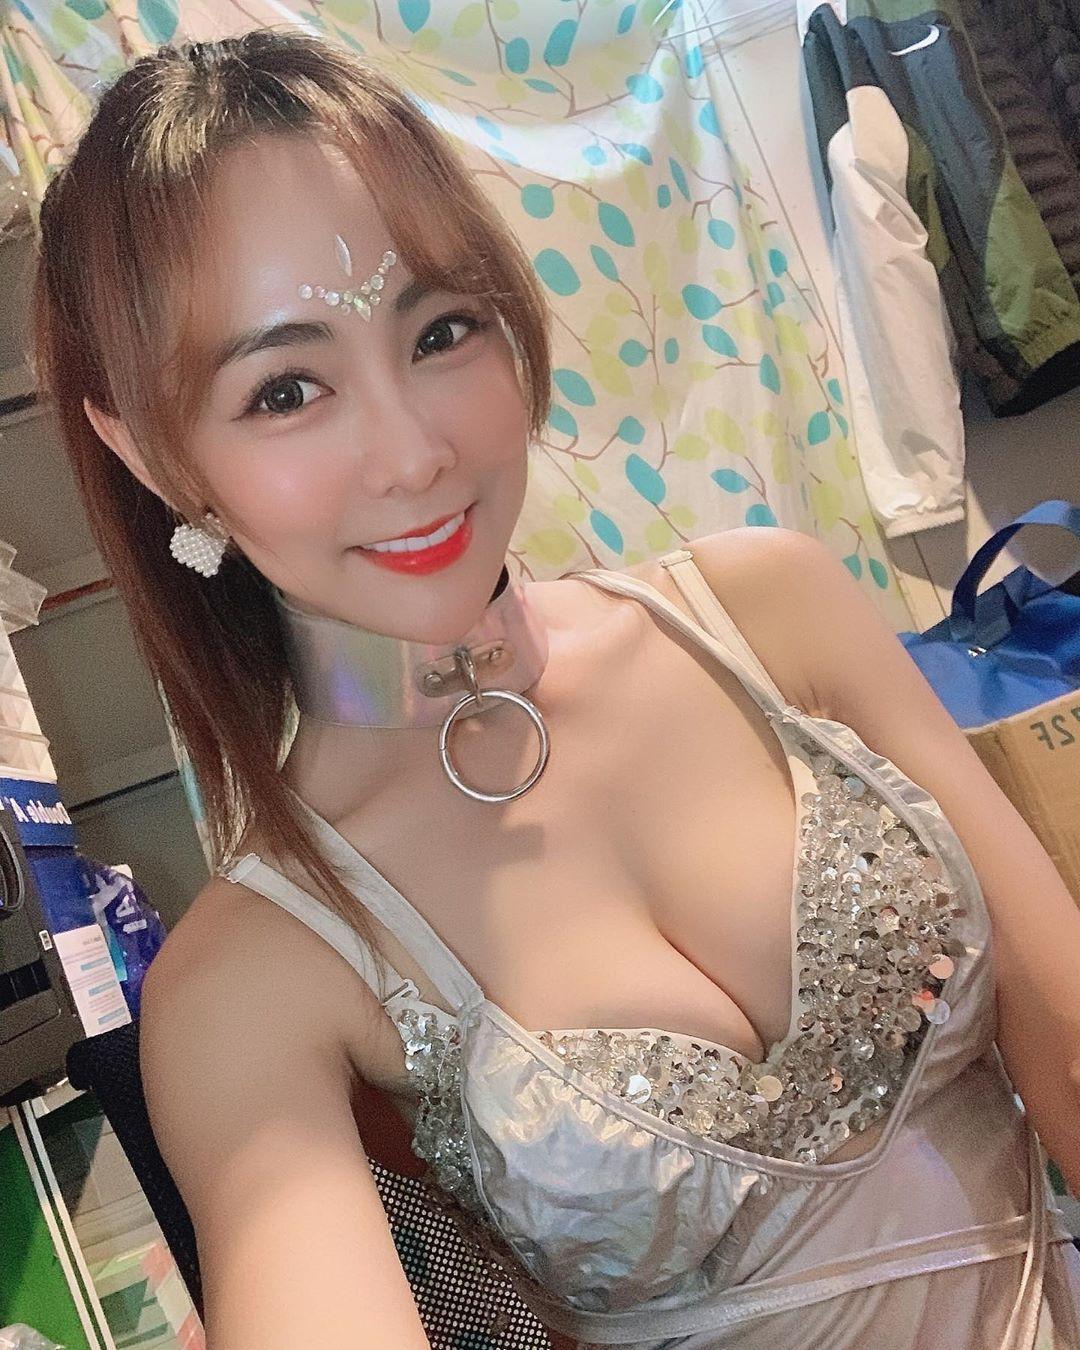 Vbcr9c3x o - IG正妹—蜜糖甜心蔡小佩